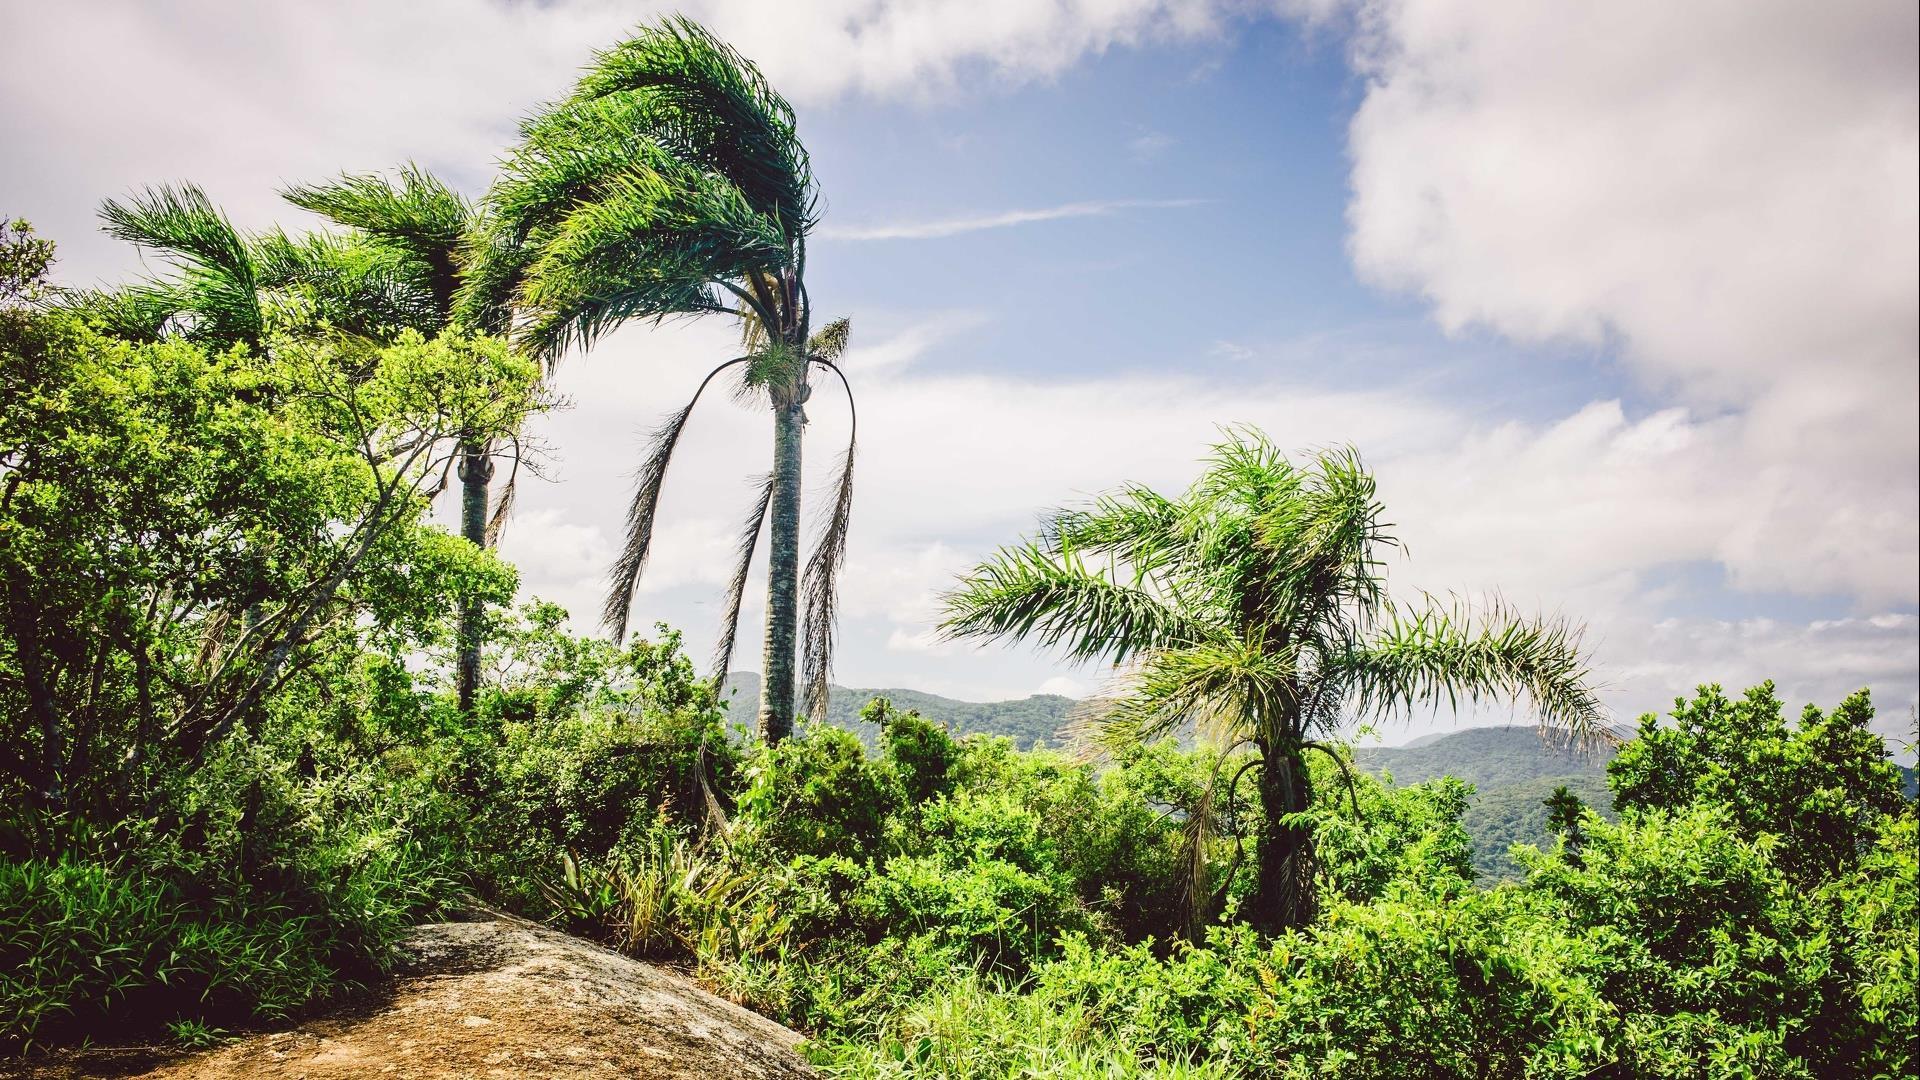 Brasilien Santa Catarina: 5 Tage Reisebaustein - Estaleiro und Florianopolis naturnah erleben